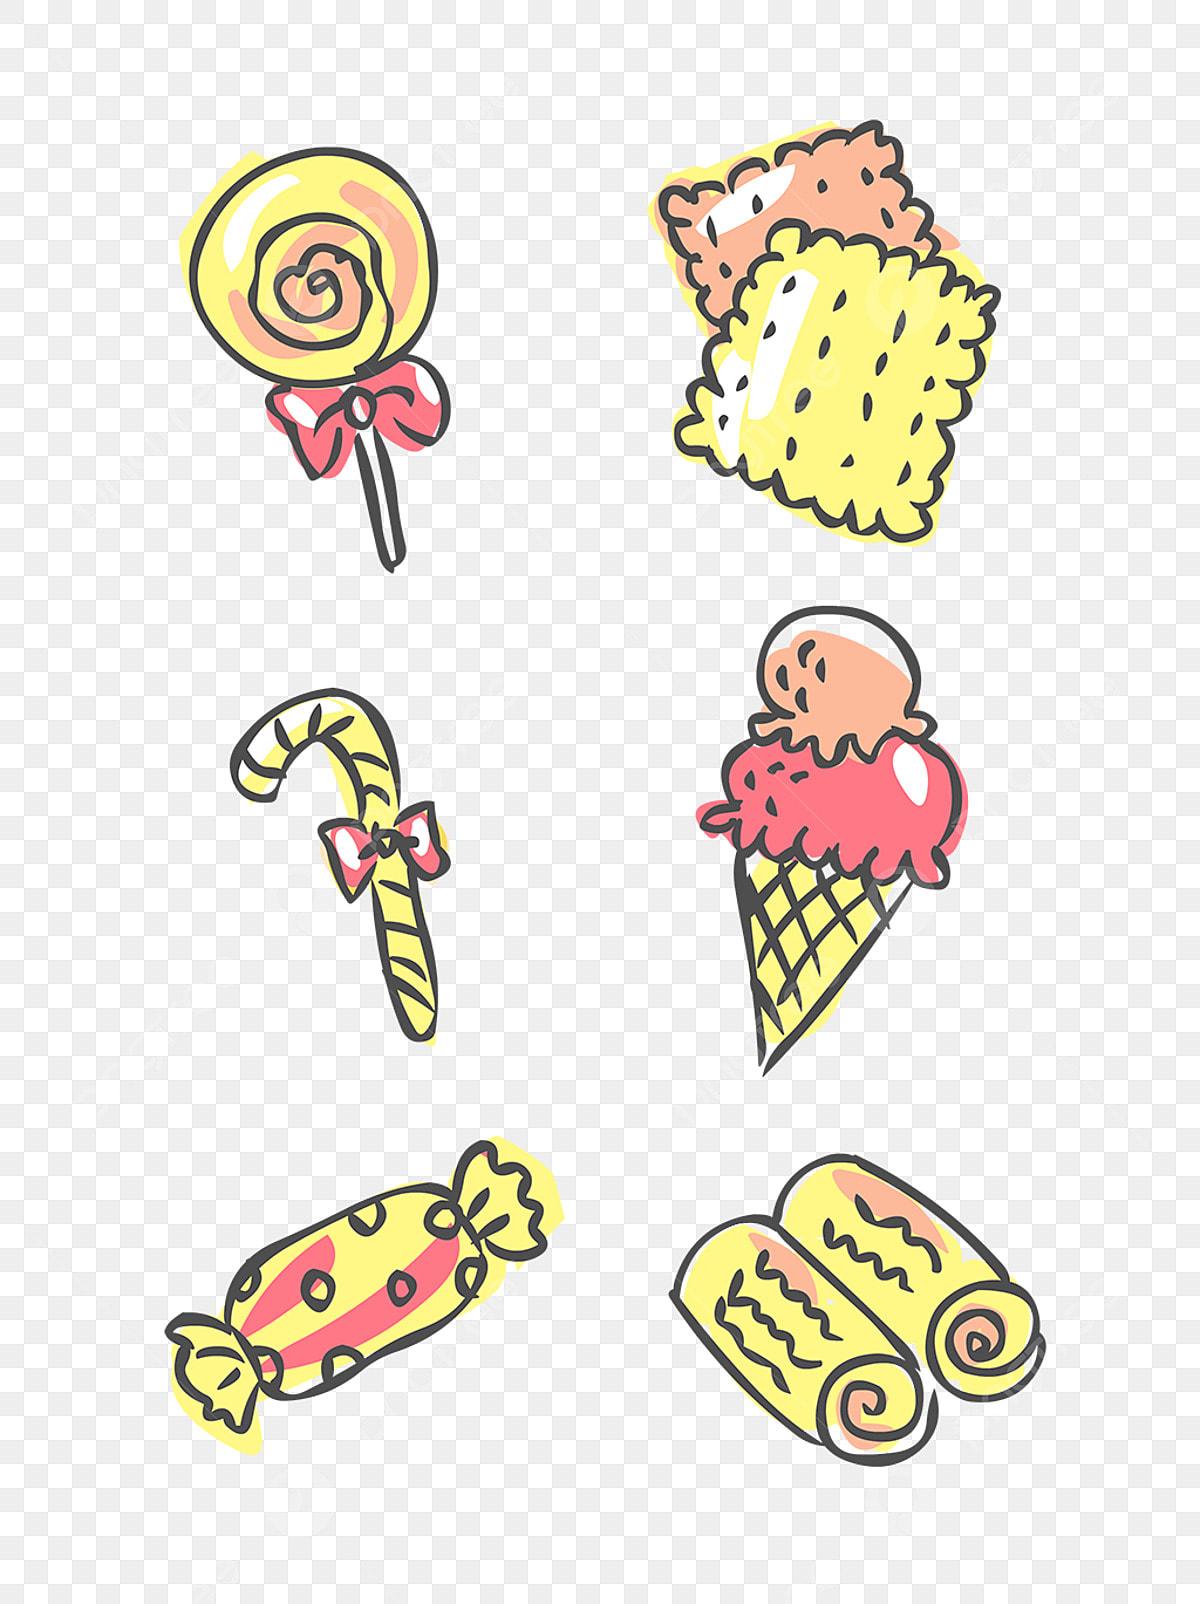 Dessin De Bonbons Dessin Couleur Des Bonbons Fichier Png